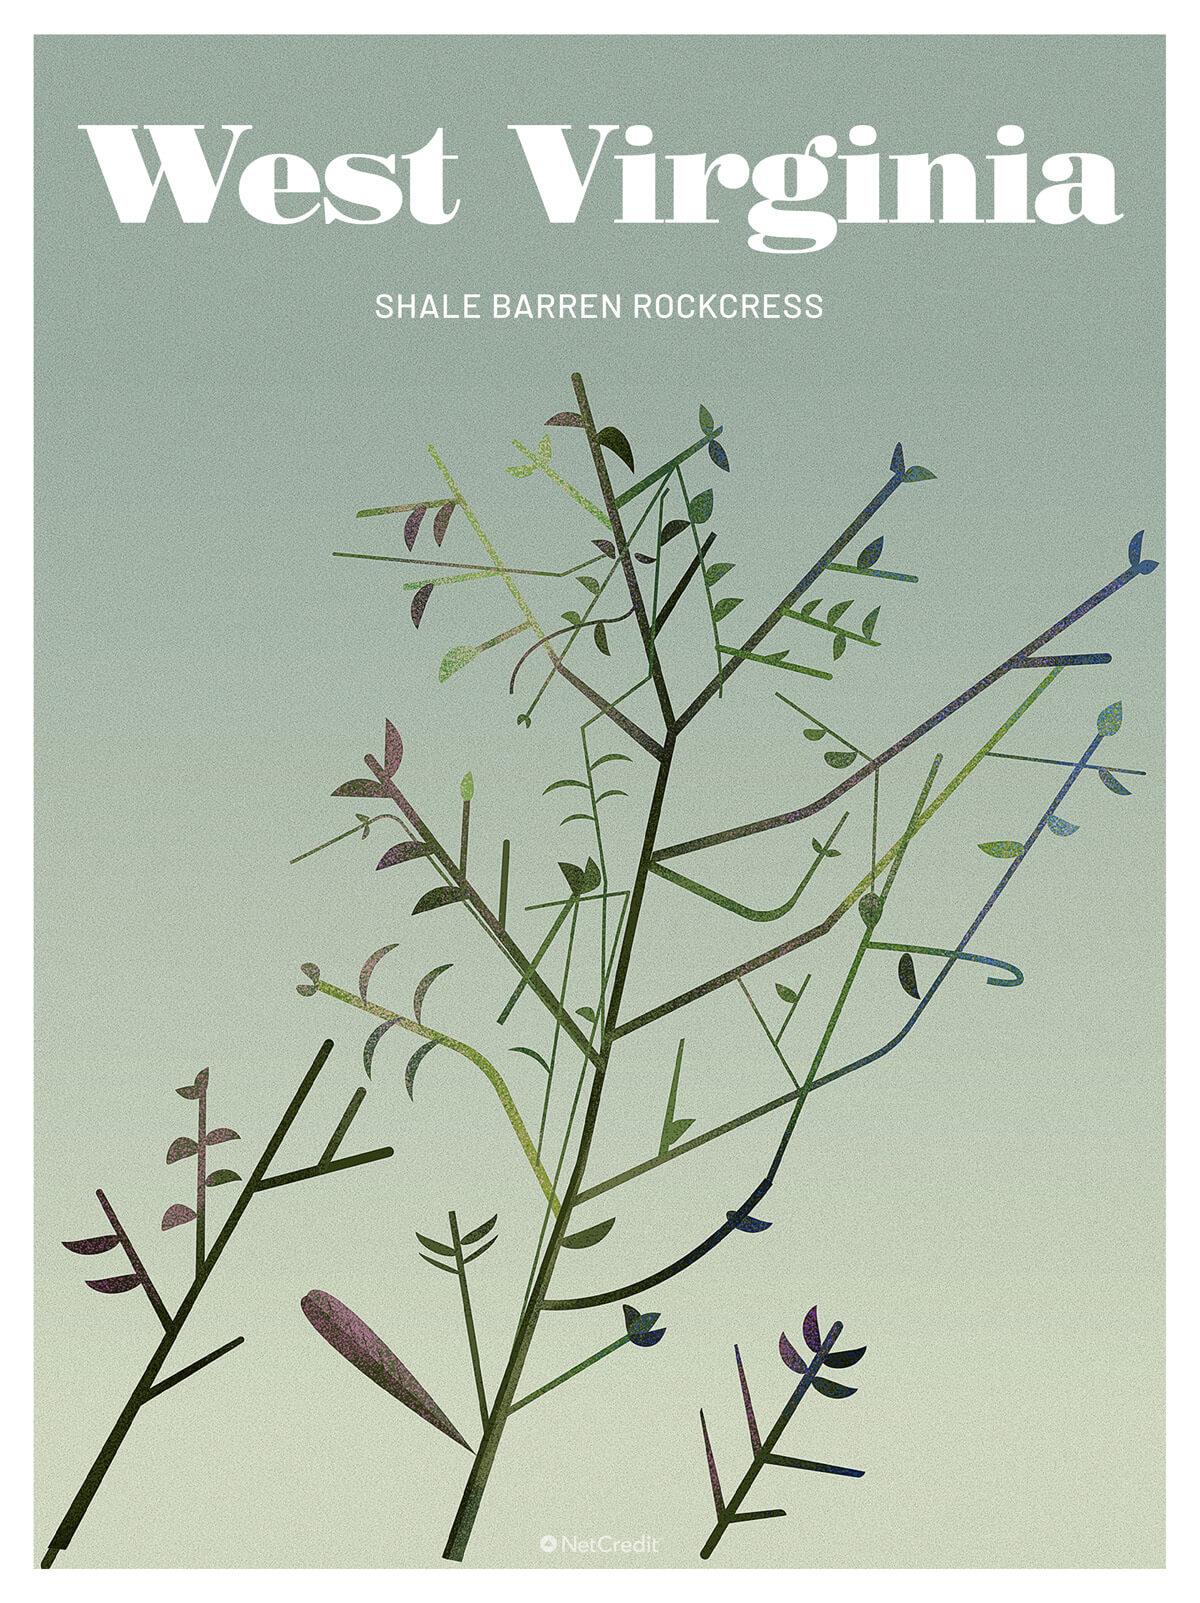 Endangered Plant in West Virginia: Shale Barren Rockcress